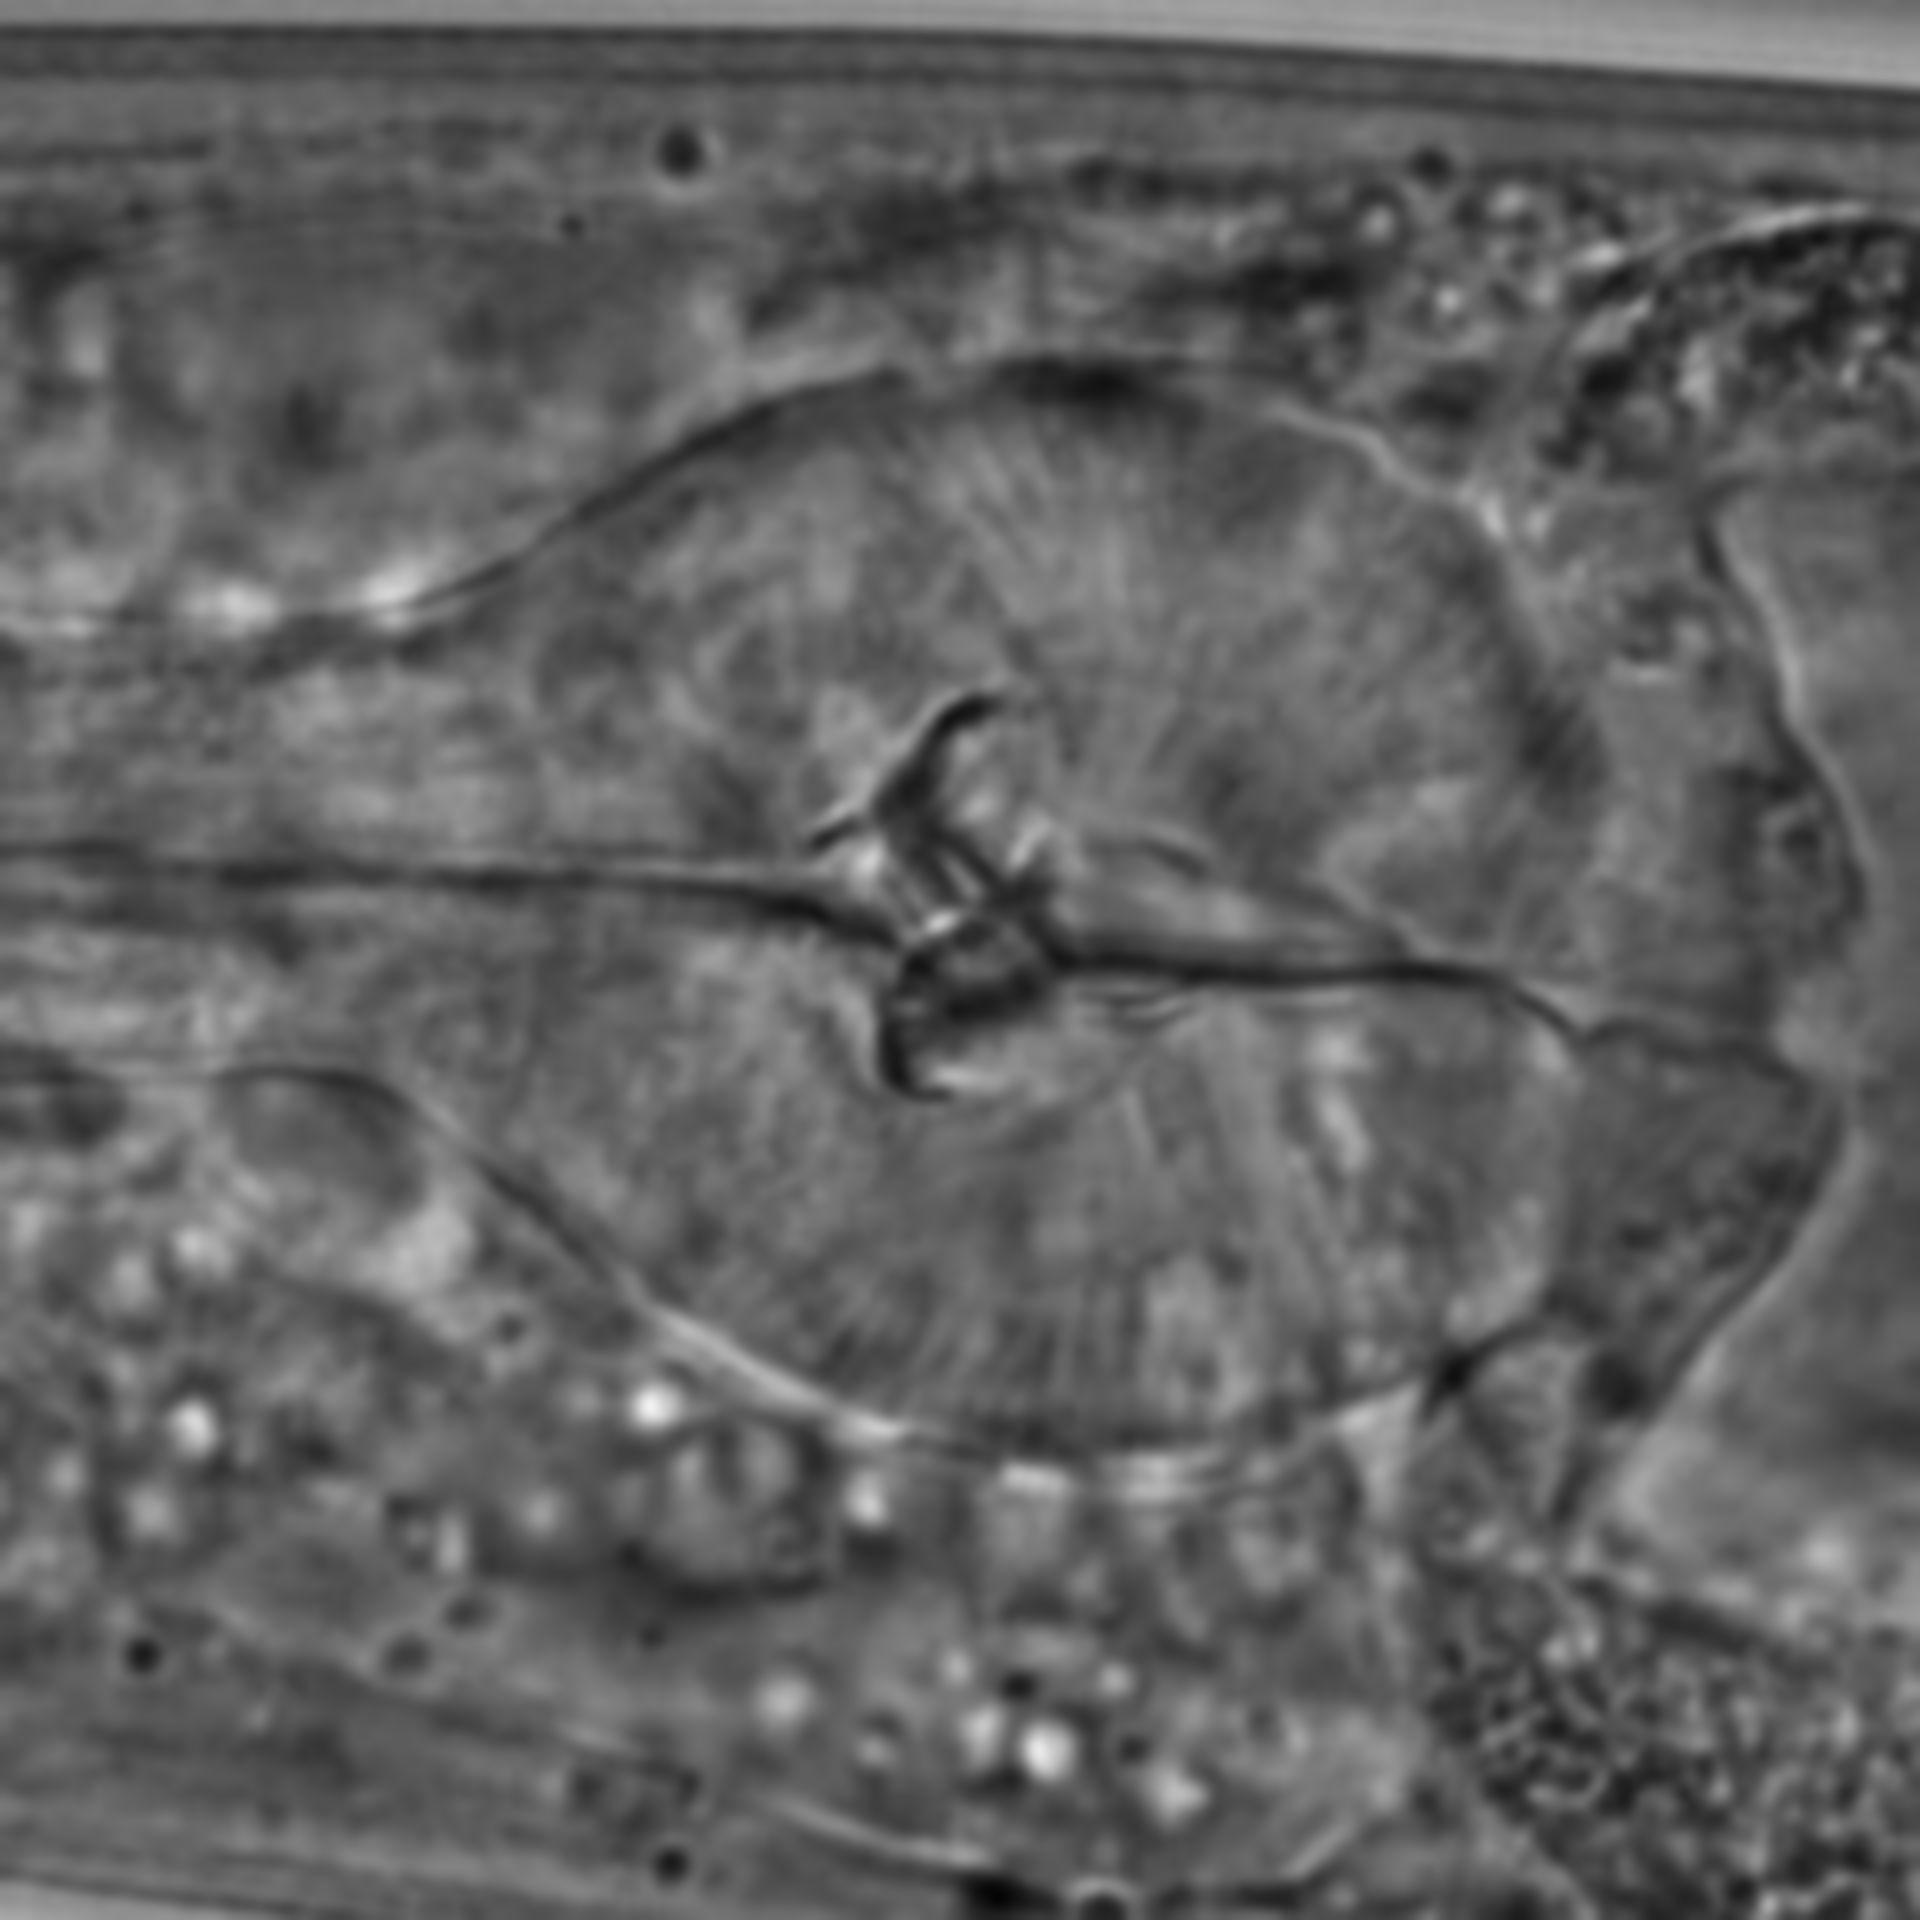 Caenorhabditis elegans - CIL:1620